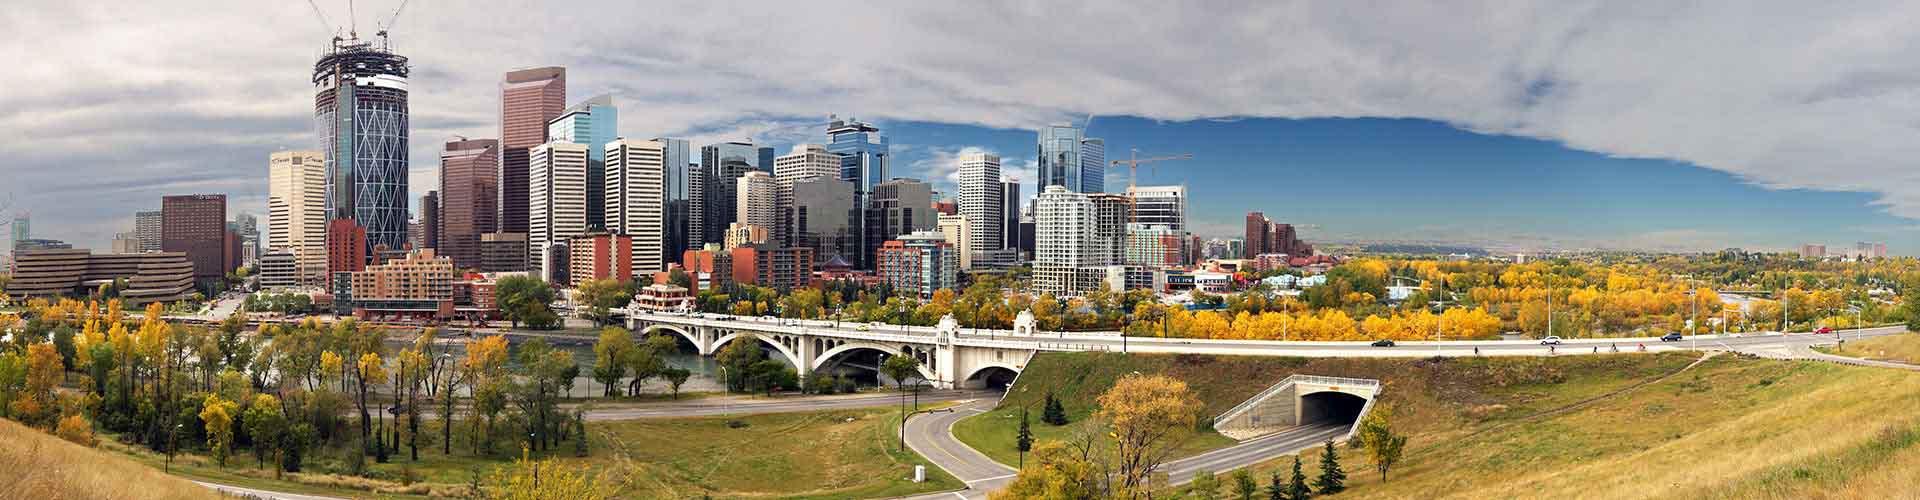 Calgary - Ifjúsági Szállások Calgaryben. Calgary térképek, fotók és ajánlások minden egyes ifjúsági szállásokra Calgary-ben.